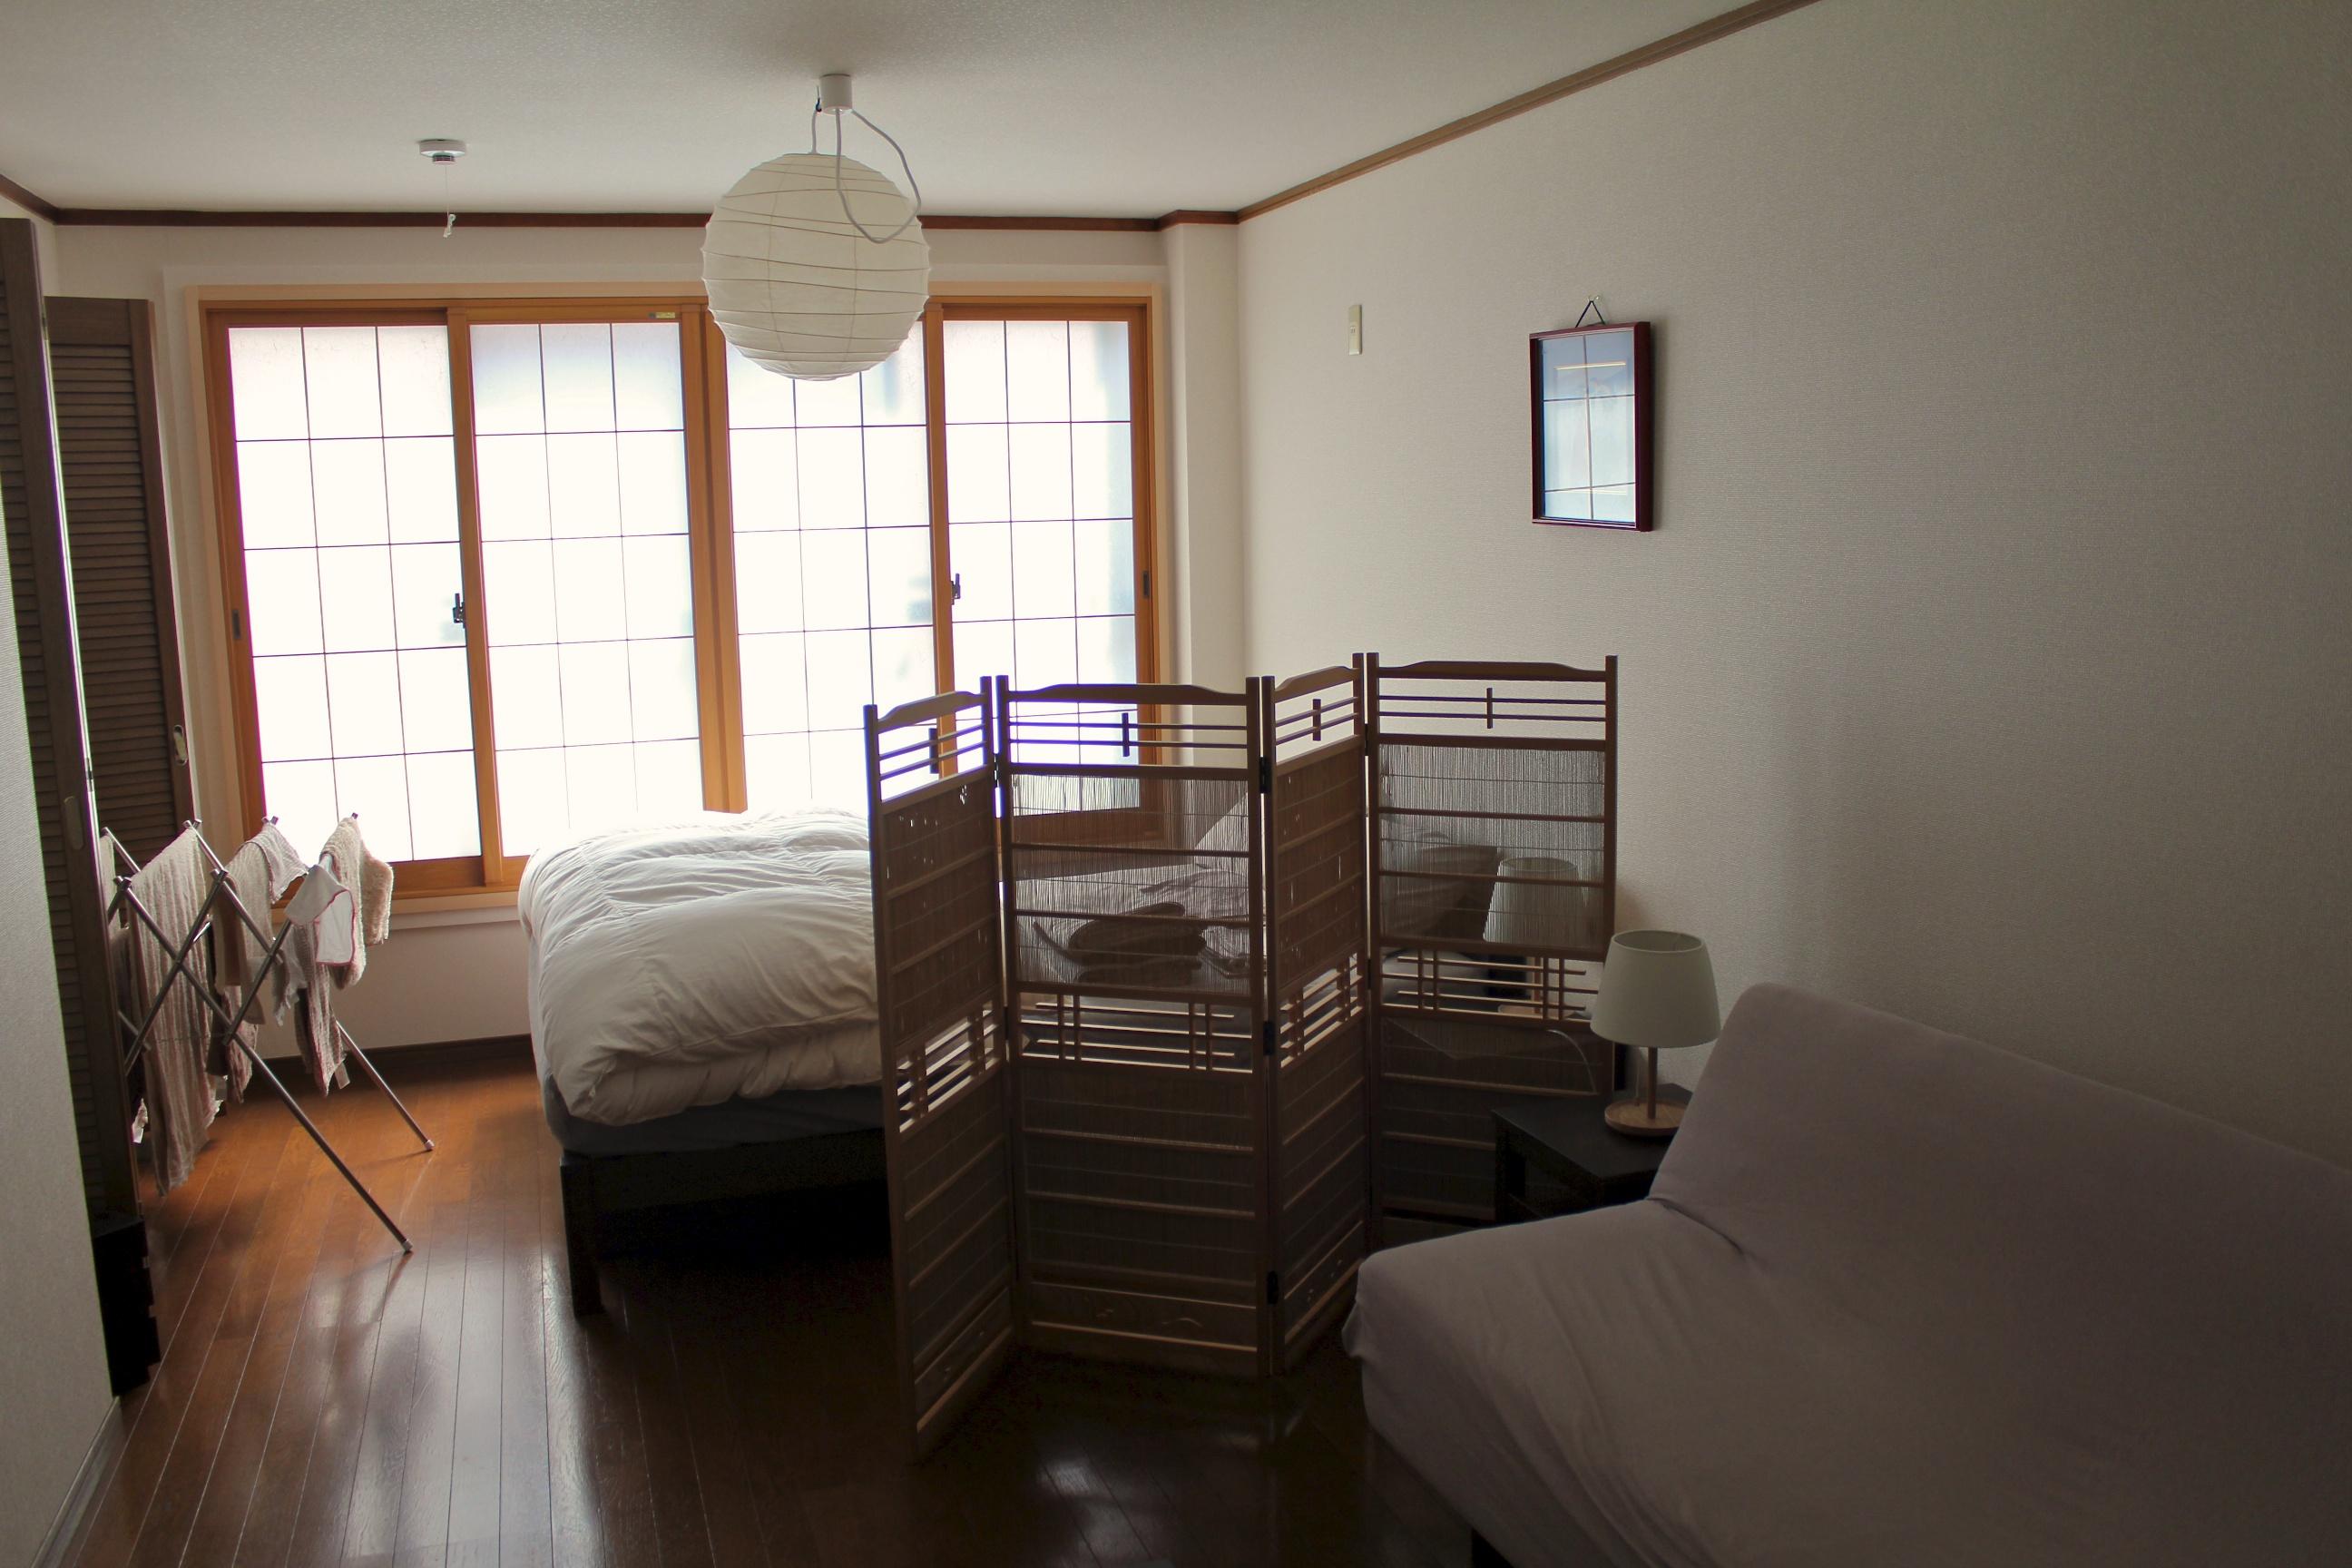 Однокомнатная квартира в японском стиле с ширмой